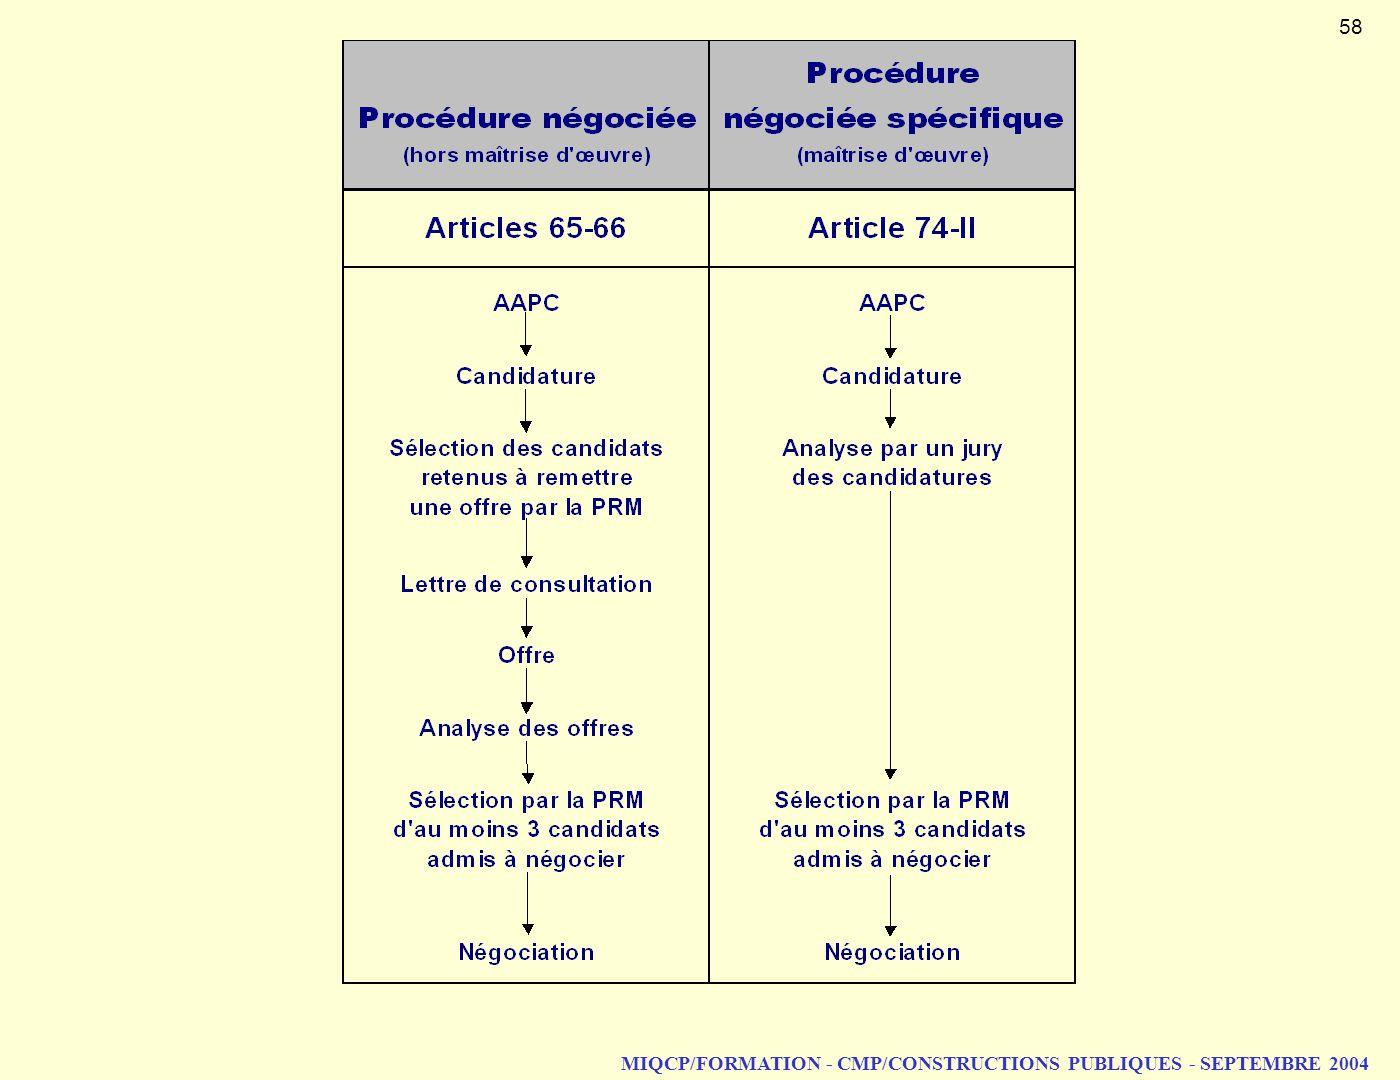 MIQCP/FORMATION - CMP/CONSTRUCTIONS PUBLIQUES - SEPTEMBRE 2004 58